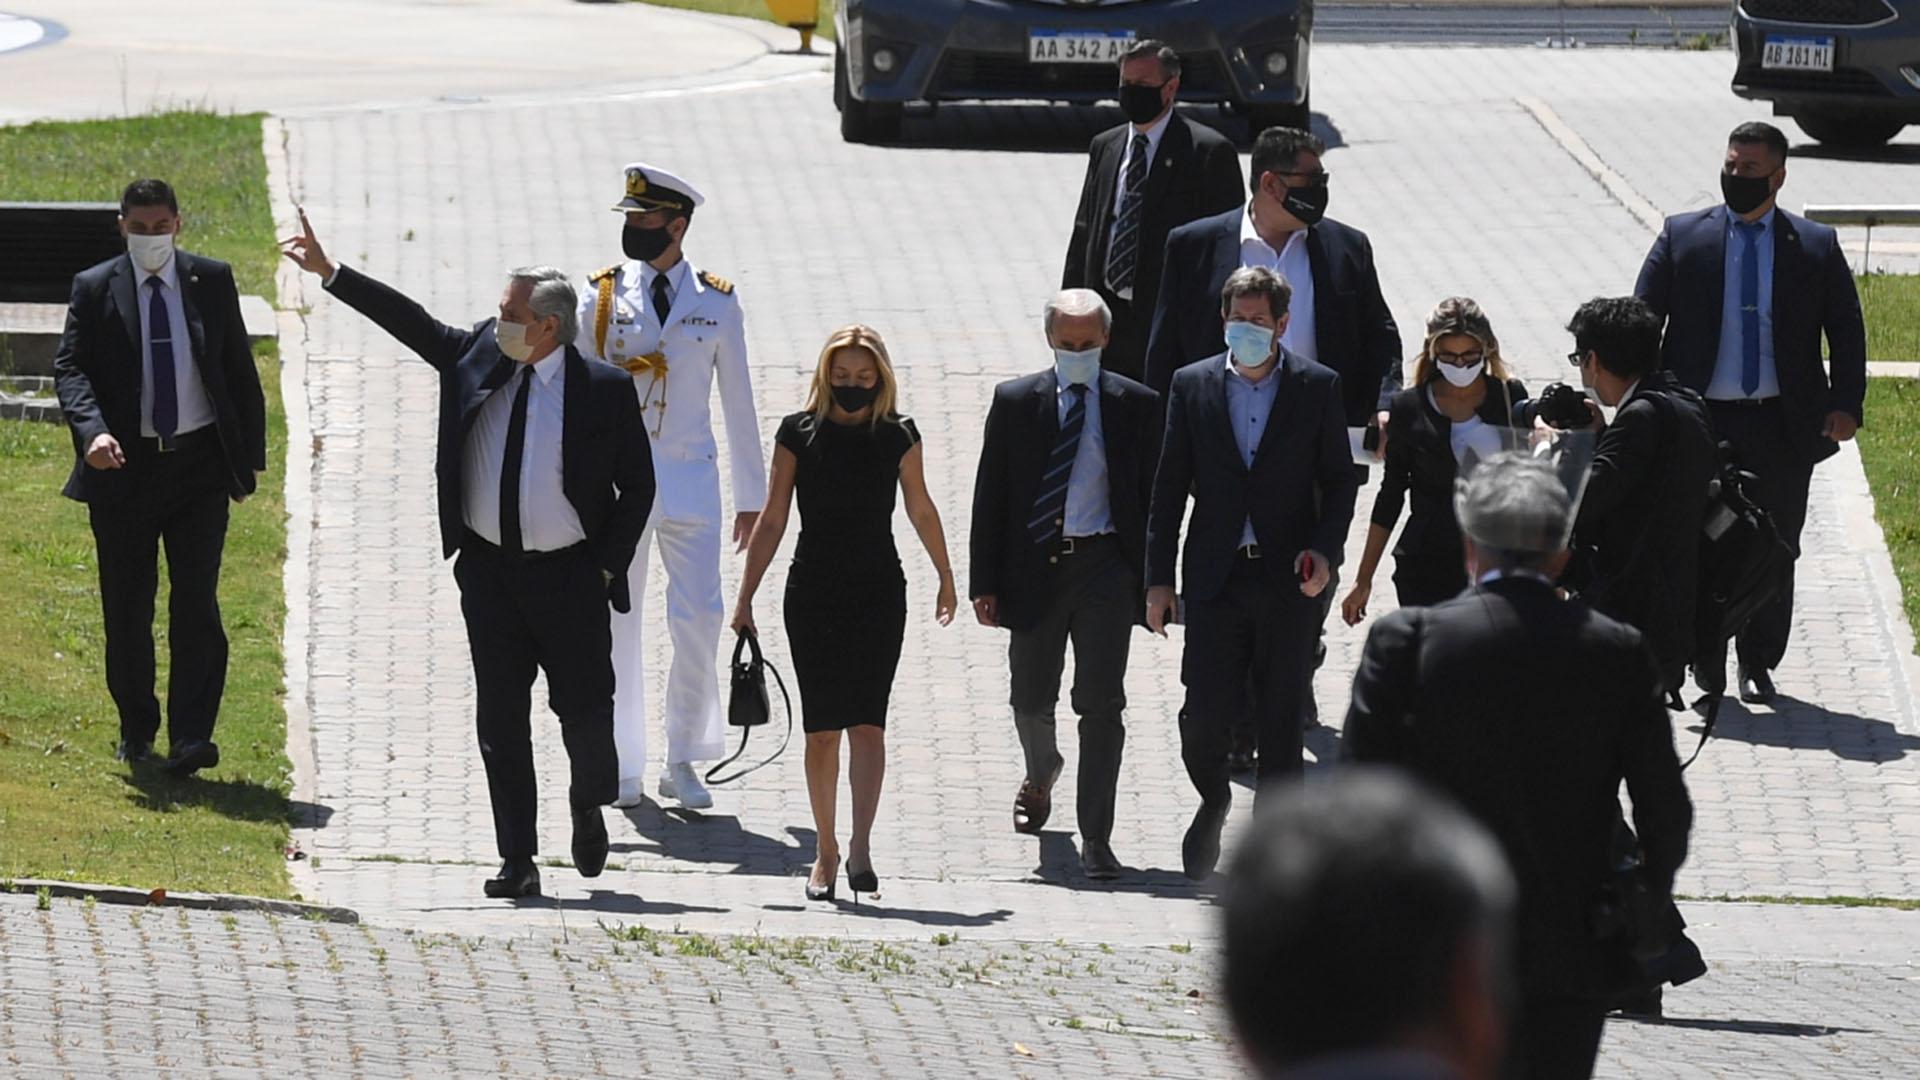 El presidente Alberto Fernández y la primera dama Fabiola Yáñez, al arribar a Casa Rosada